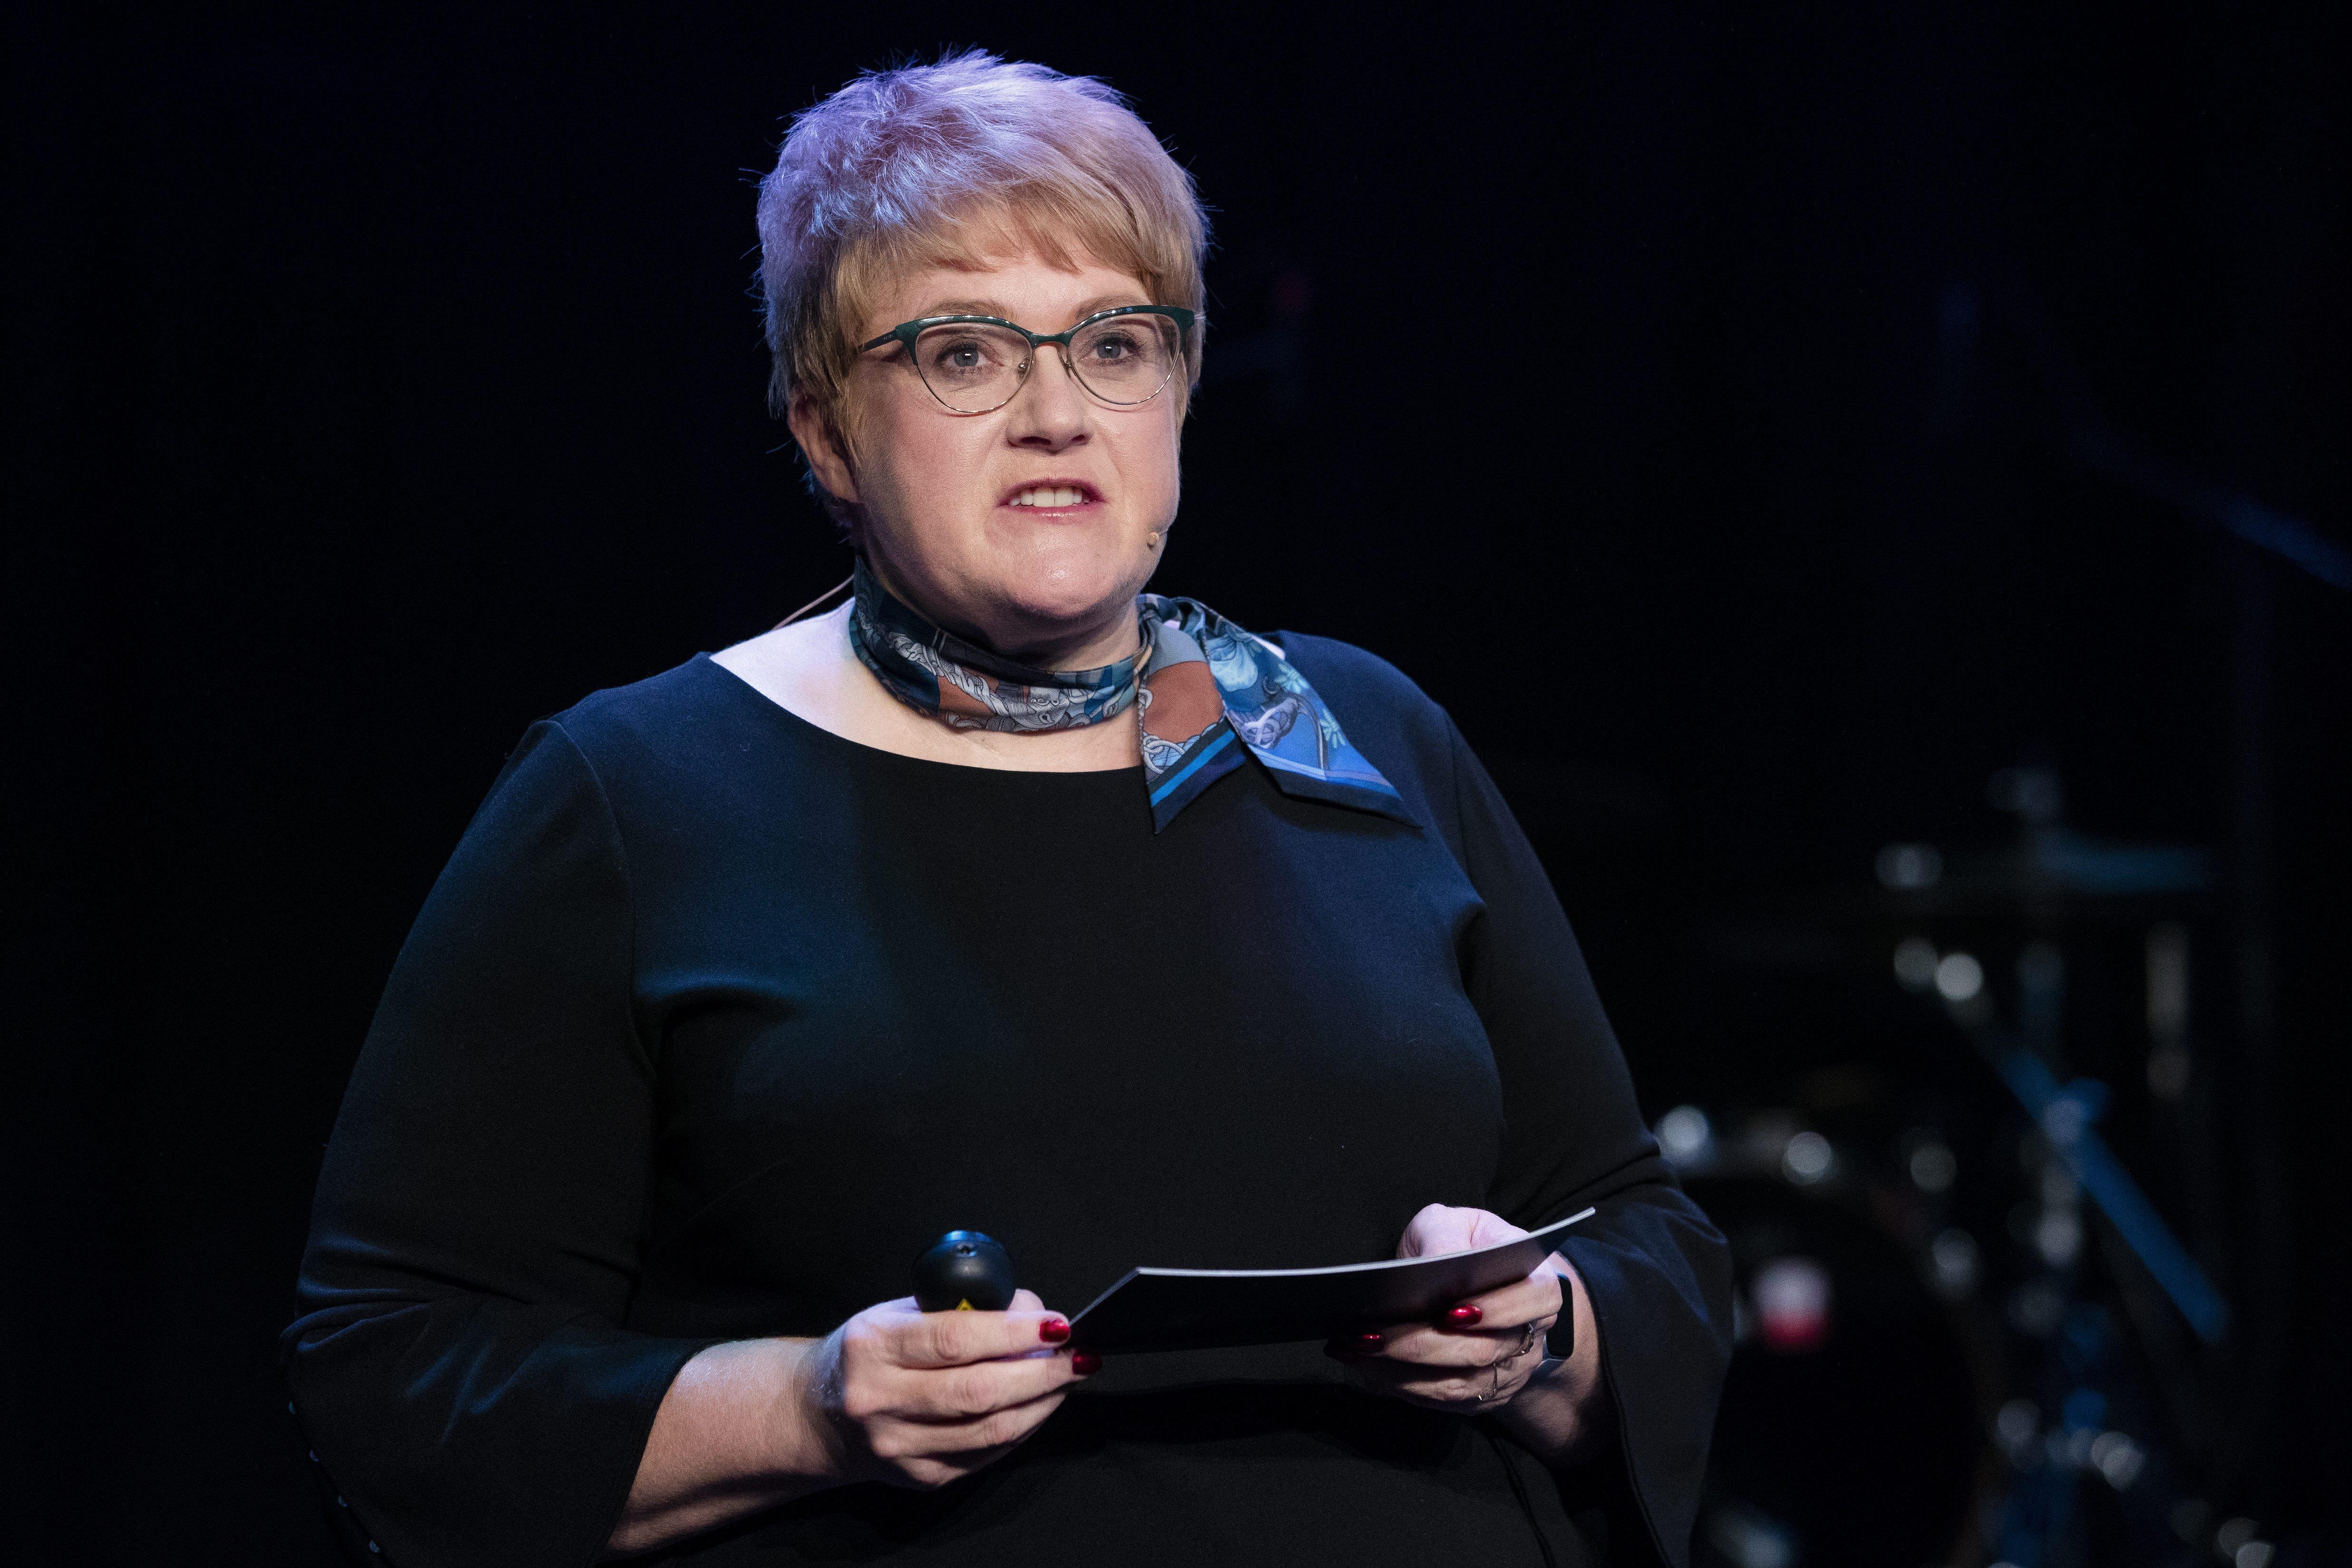 Regjeringa og kultur- og likestillingsminister Trine Skei Grande (V) foreslår at kommunane får lovfesta rett til å bestemme stadnamn. Arkivfoto: Håkon Mosvold Larsen / NTB scanpix / NPK